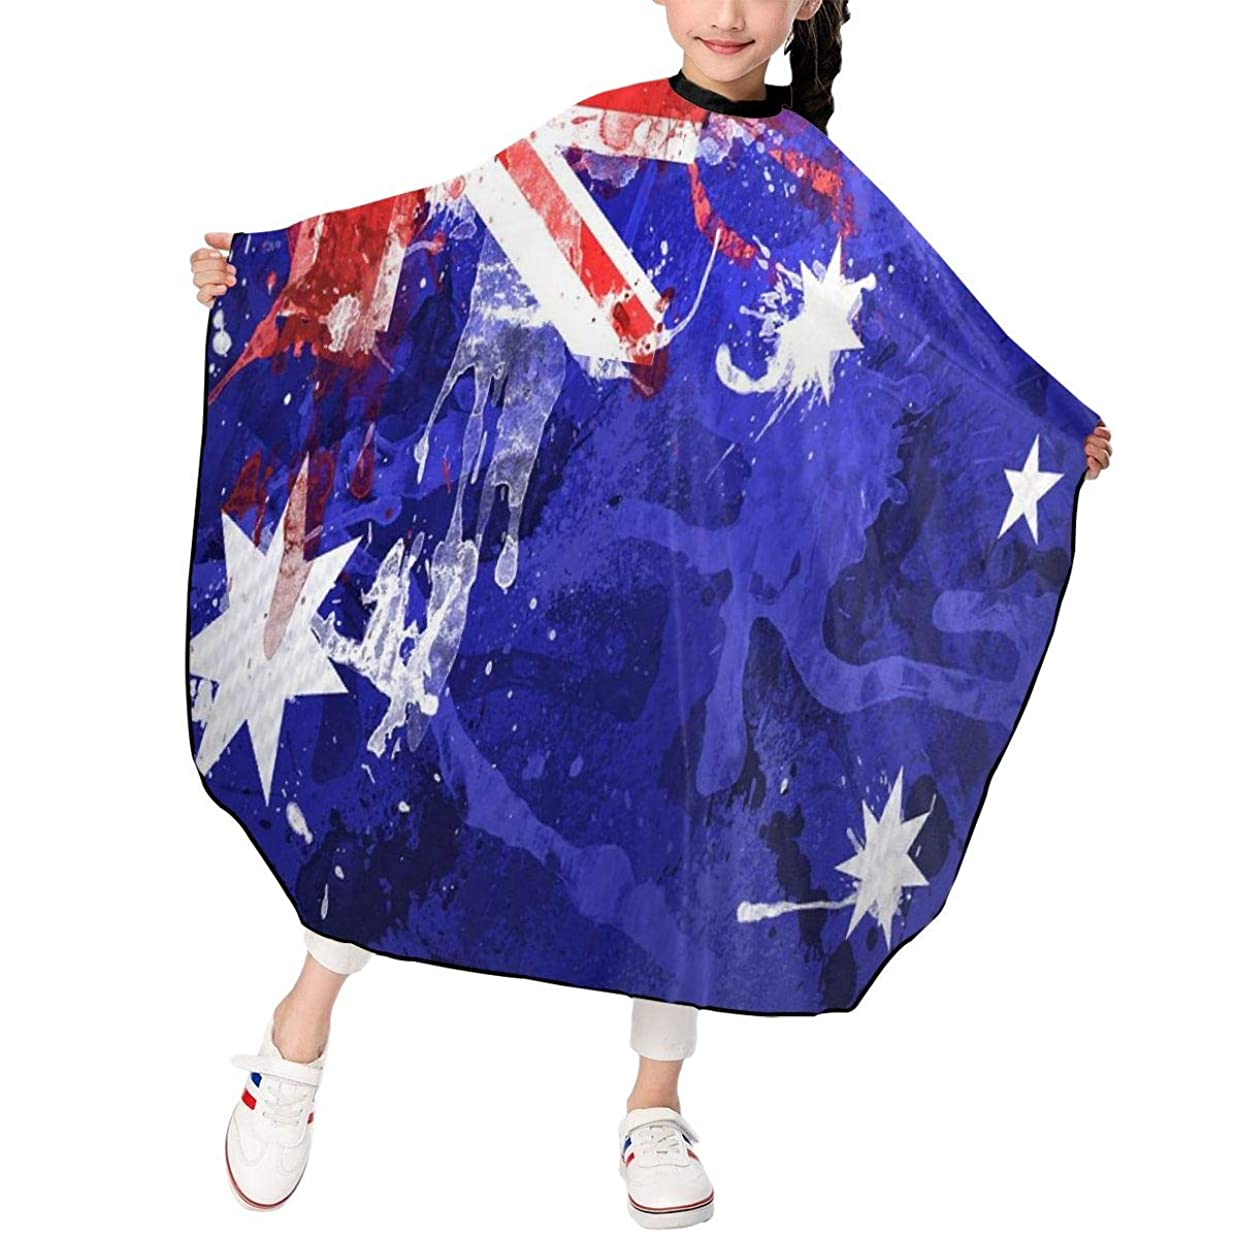 ポータブル批判的方法オーストラリアのフラグ 子供エプロン ヘアーエプロン 散髪 ケープ 美容エプロン 静電気防止 ヘアカット ファミリー理髪 防水 自宅カット 120*100cm